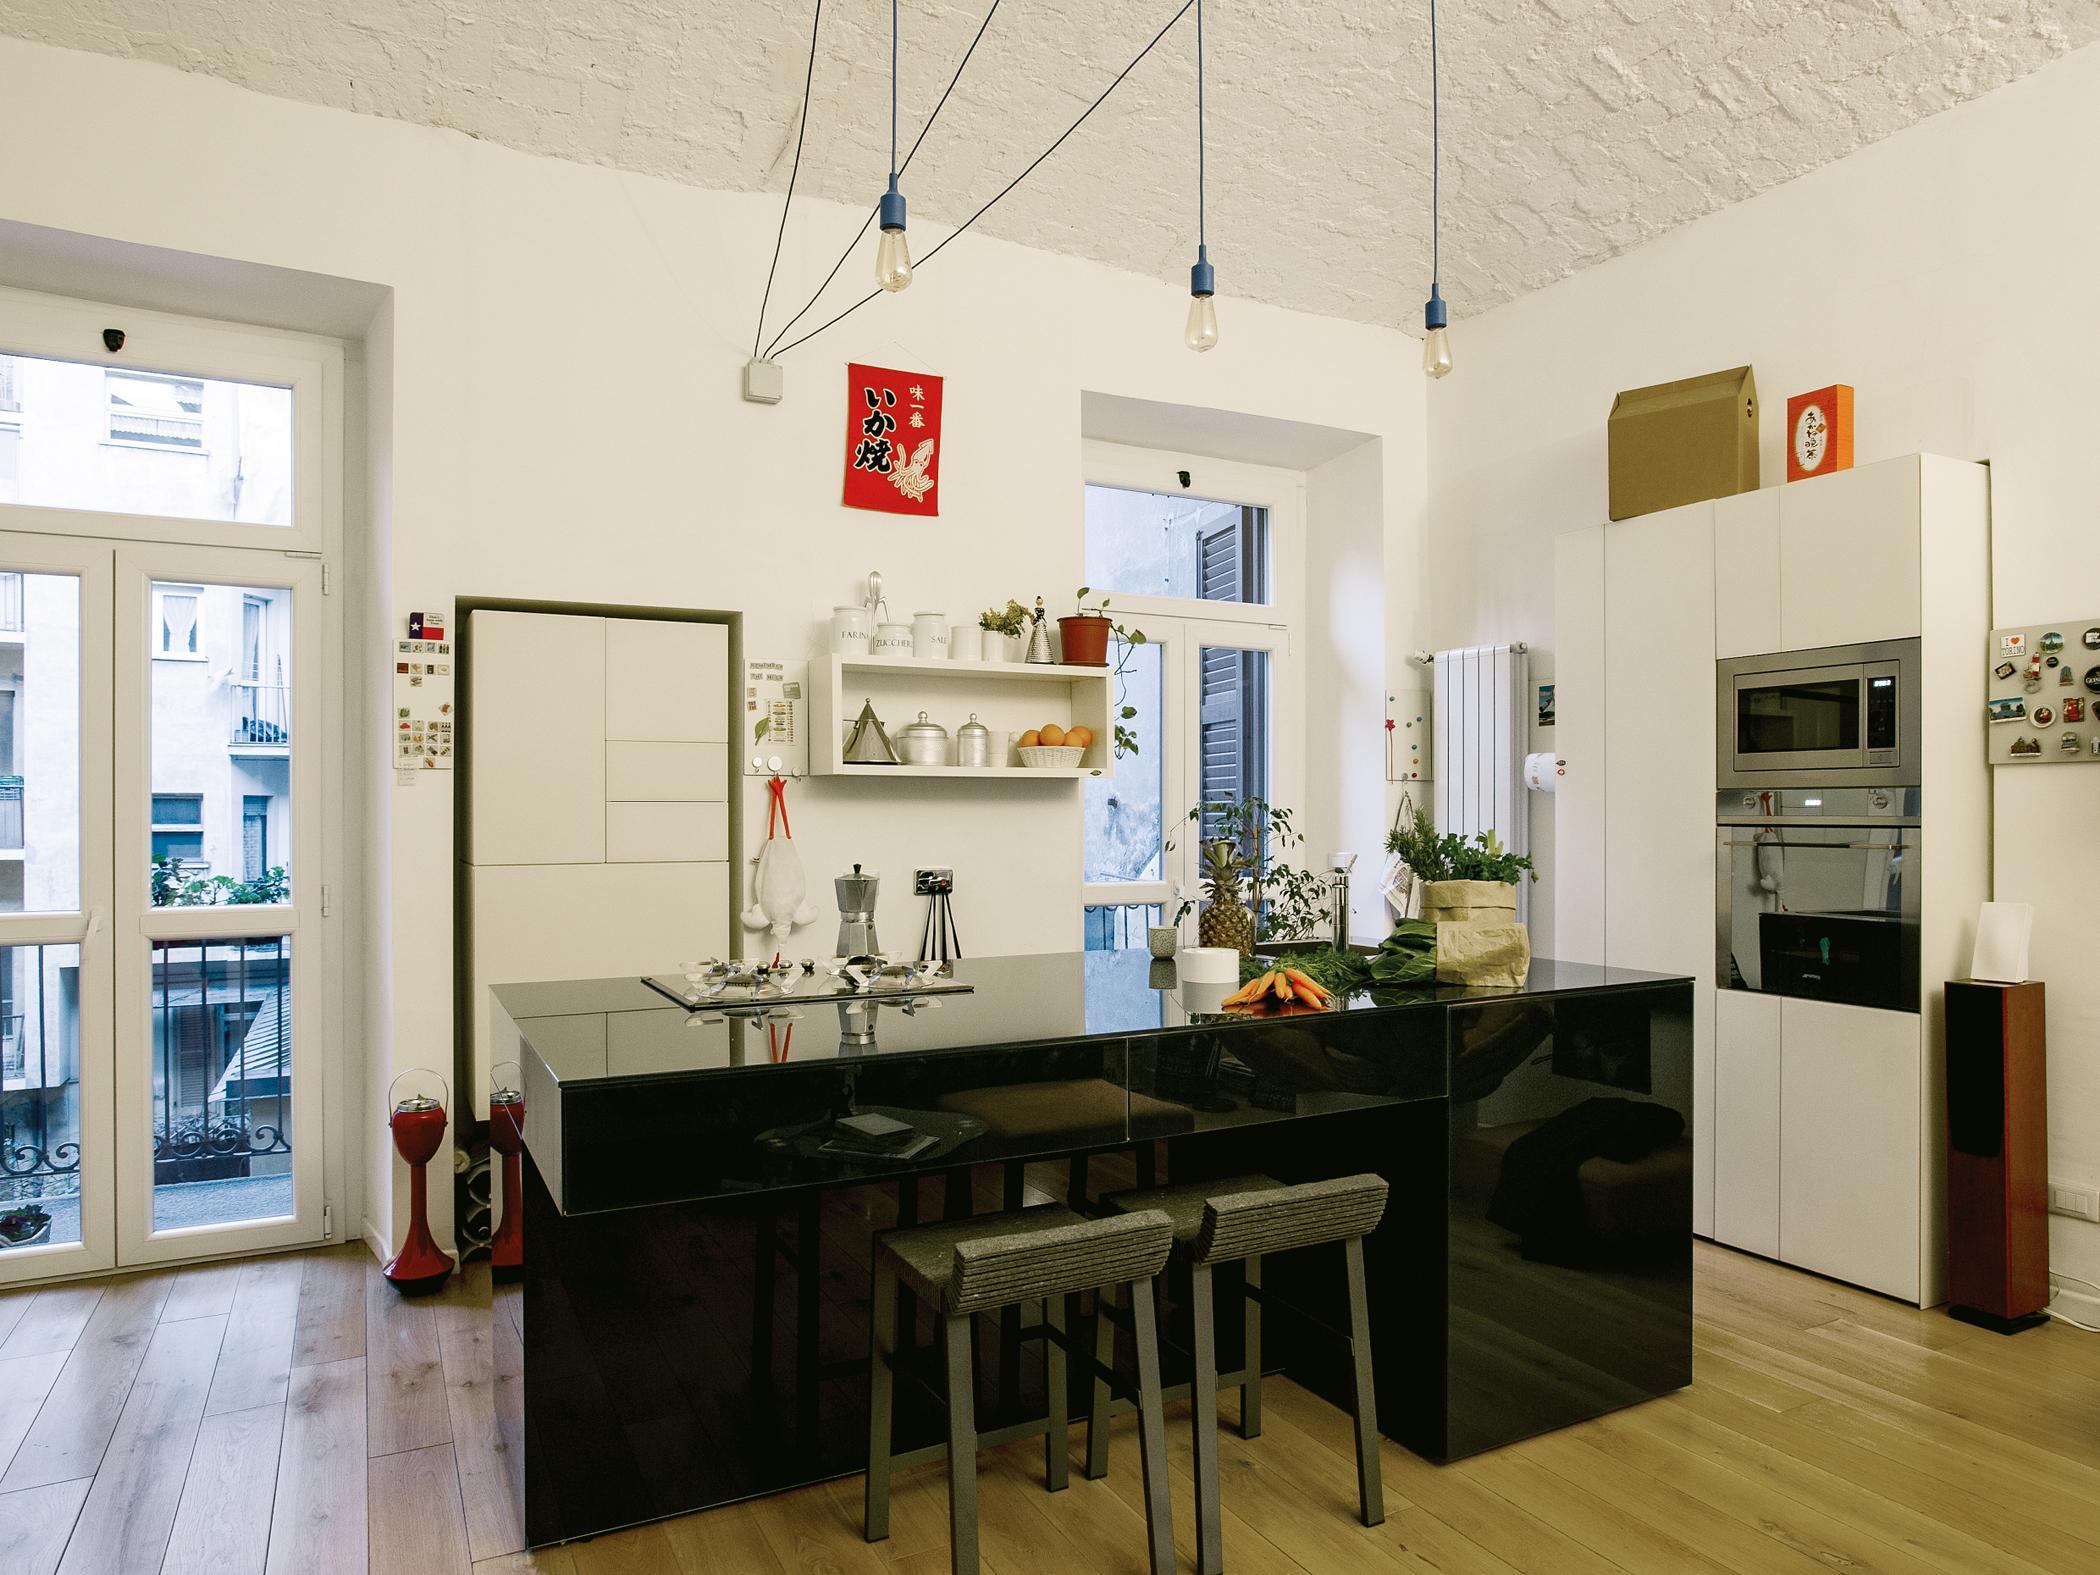 Moderne Kücheninsel schwarze kücheninsel bilder ideen couchstyle